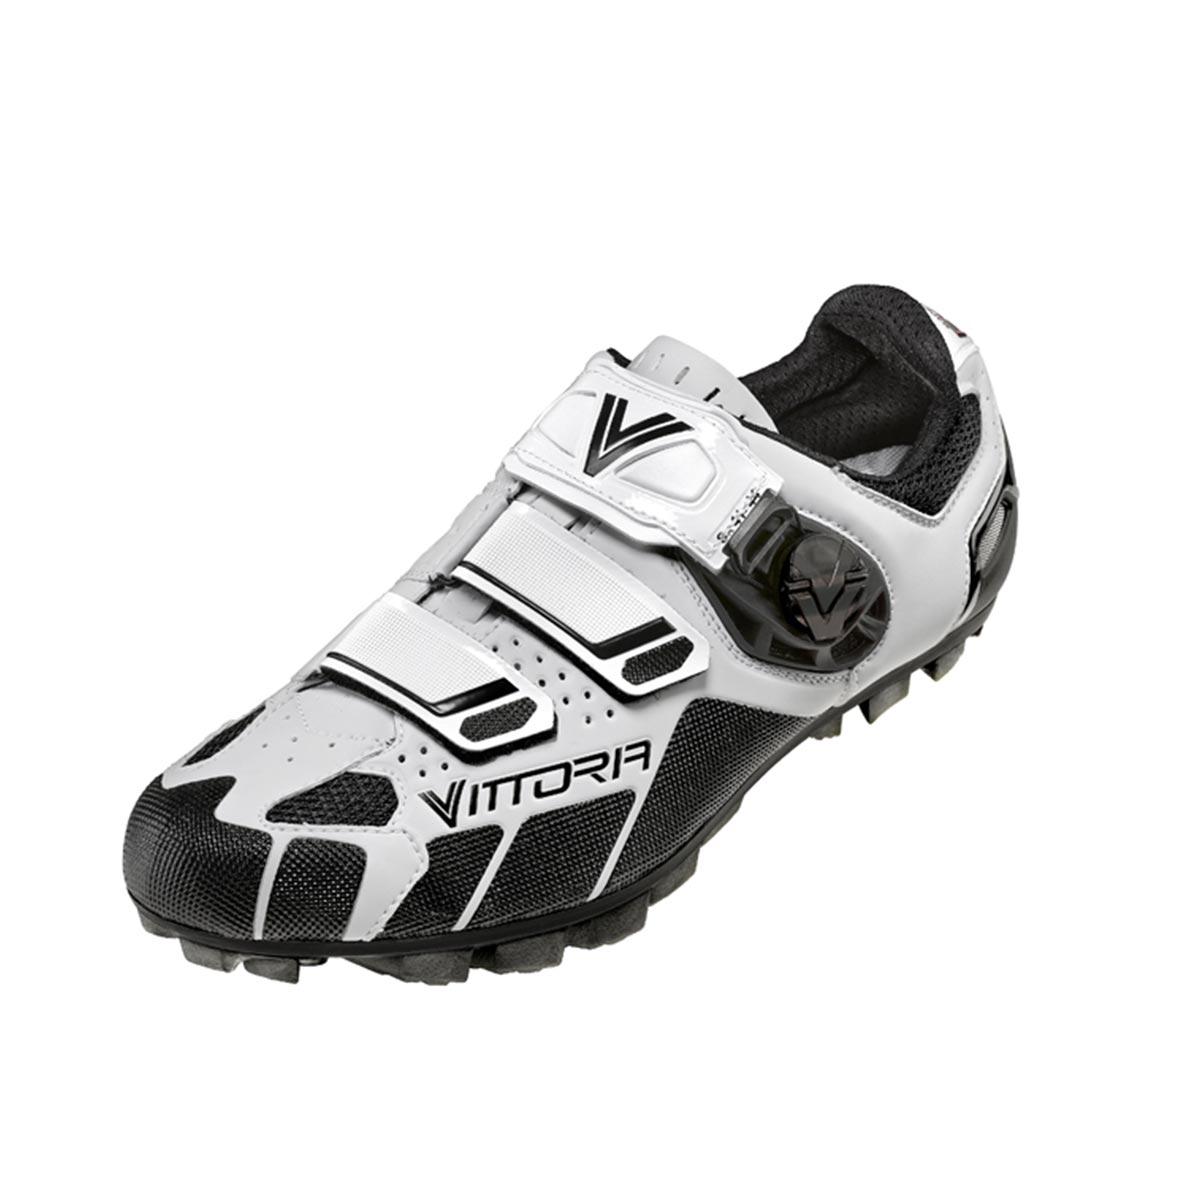 on sale 11c5a 9996e Scarpe MTB Vittoria Viper